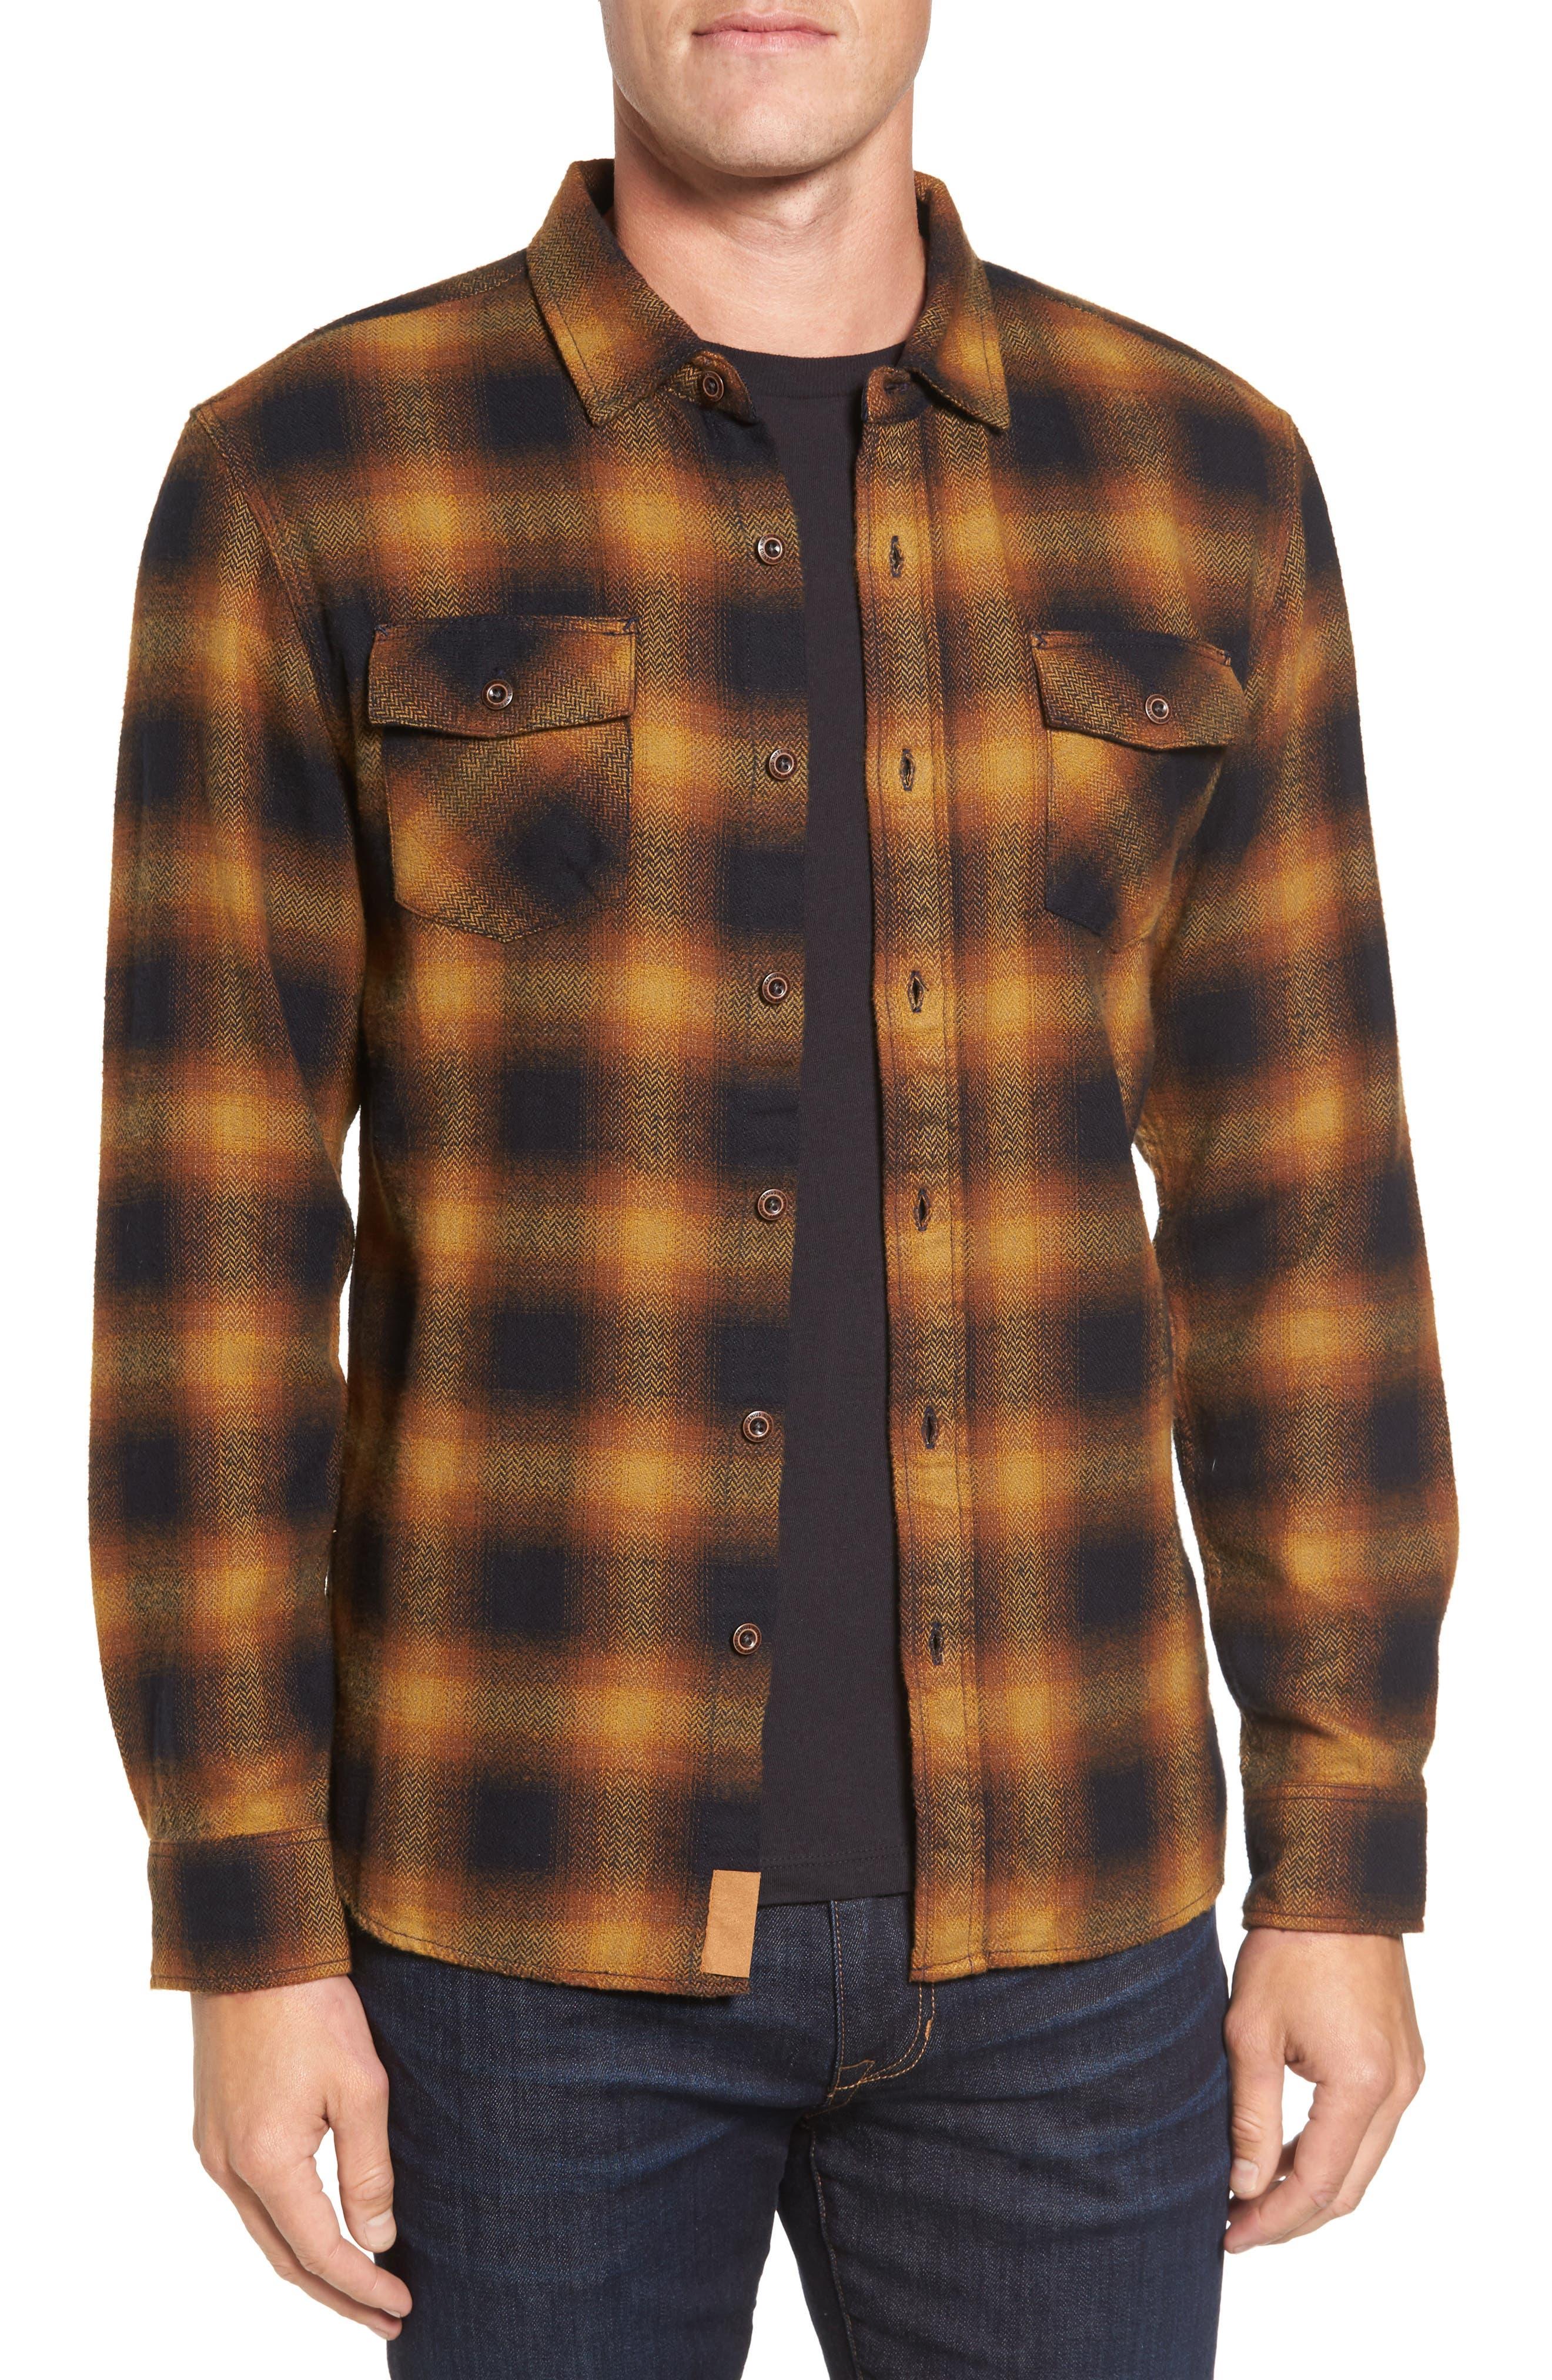 Truman Check Herringbone Shirt,                         Main,                         color, Yellow/ Brown